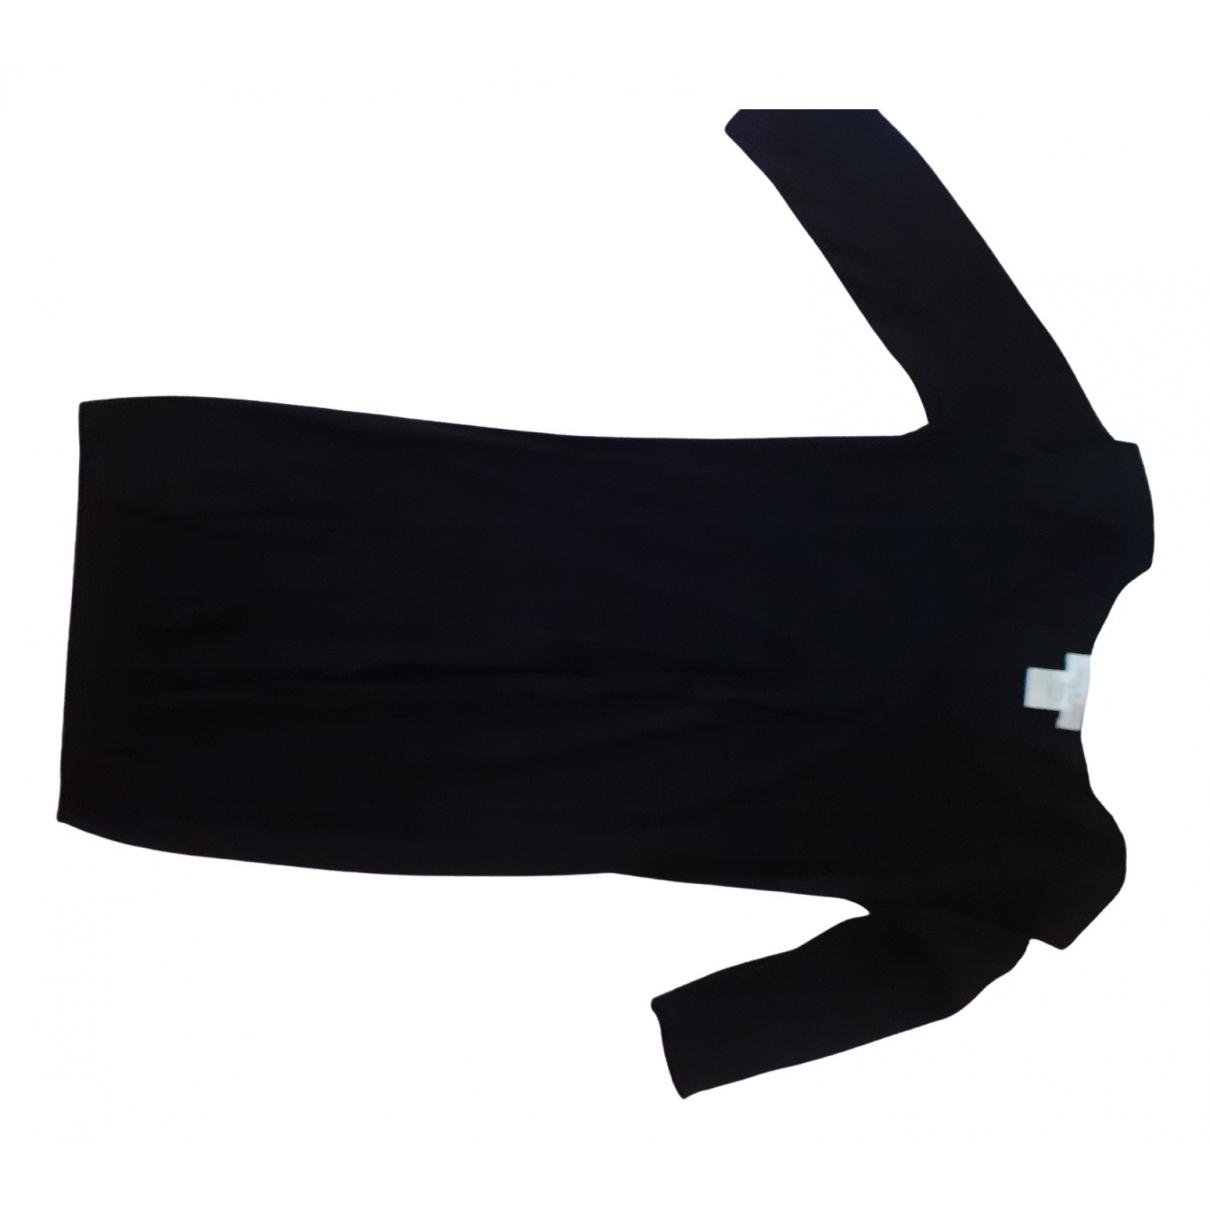 Paul & Joe \N Black Wool dress for Women 36 FR